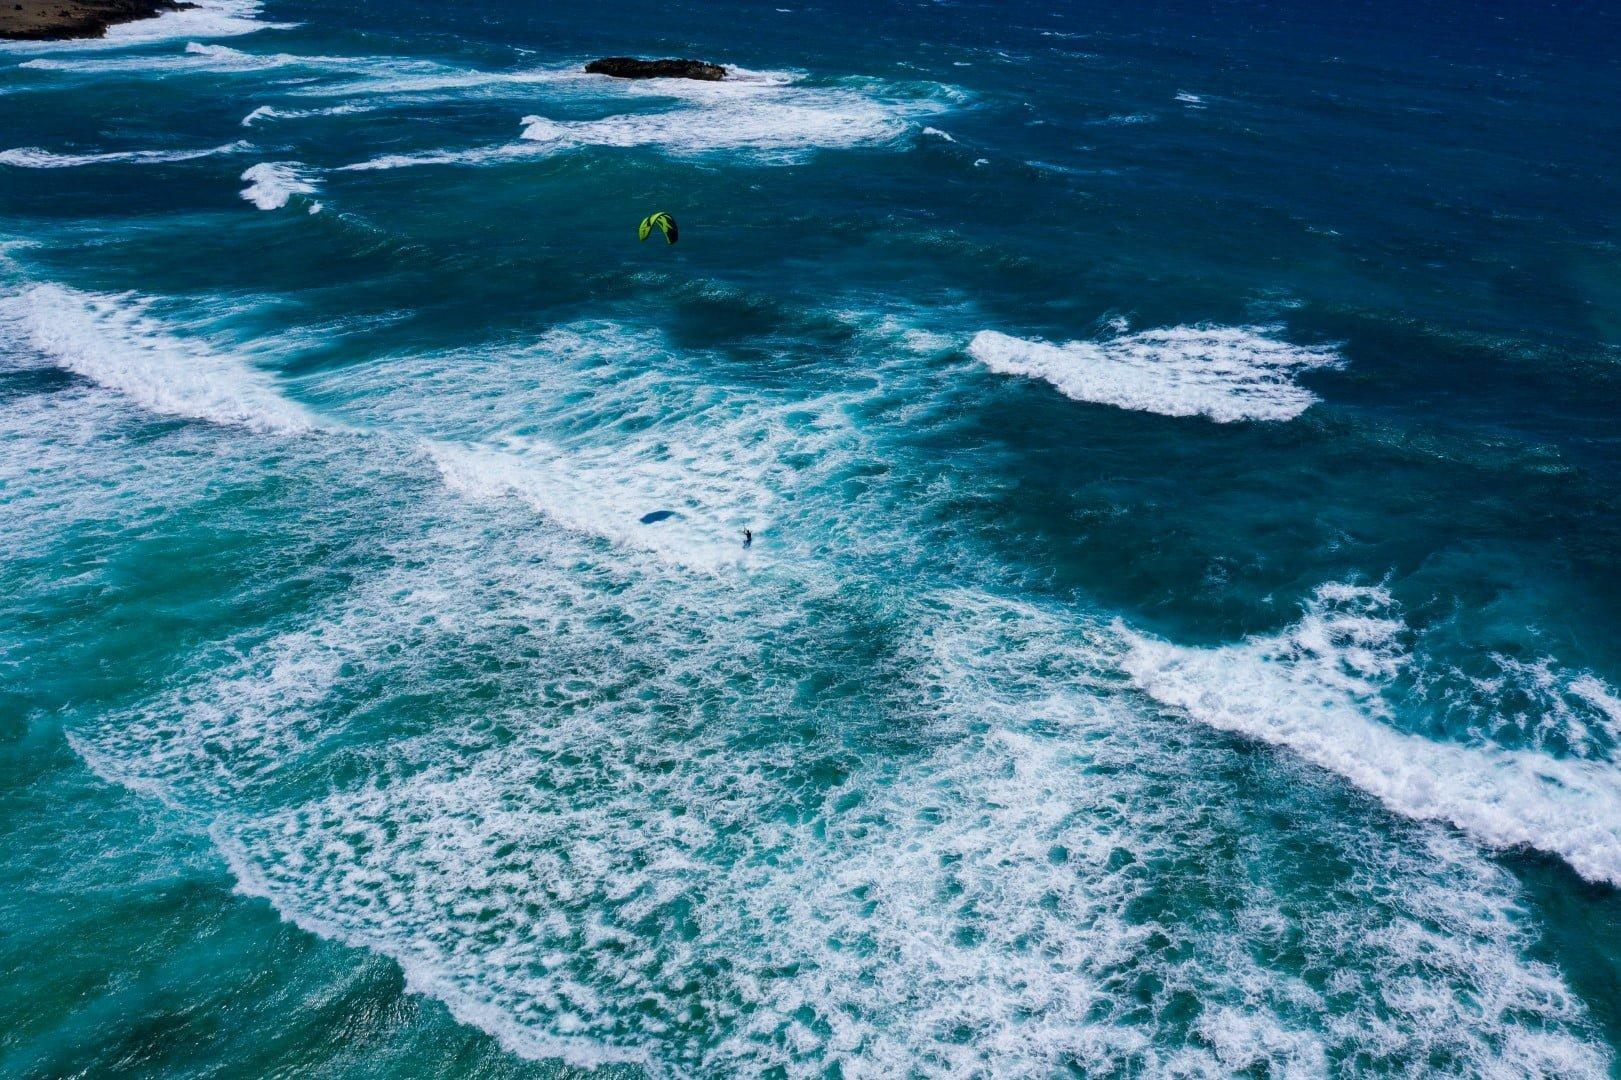 Na grebenu se delajo lepi valovi